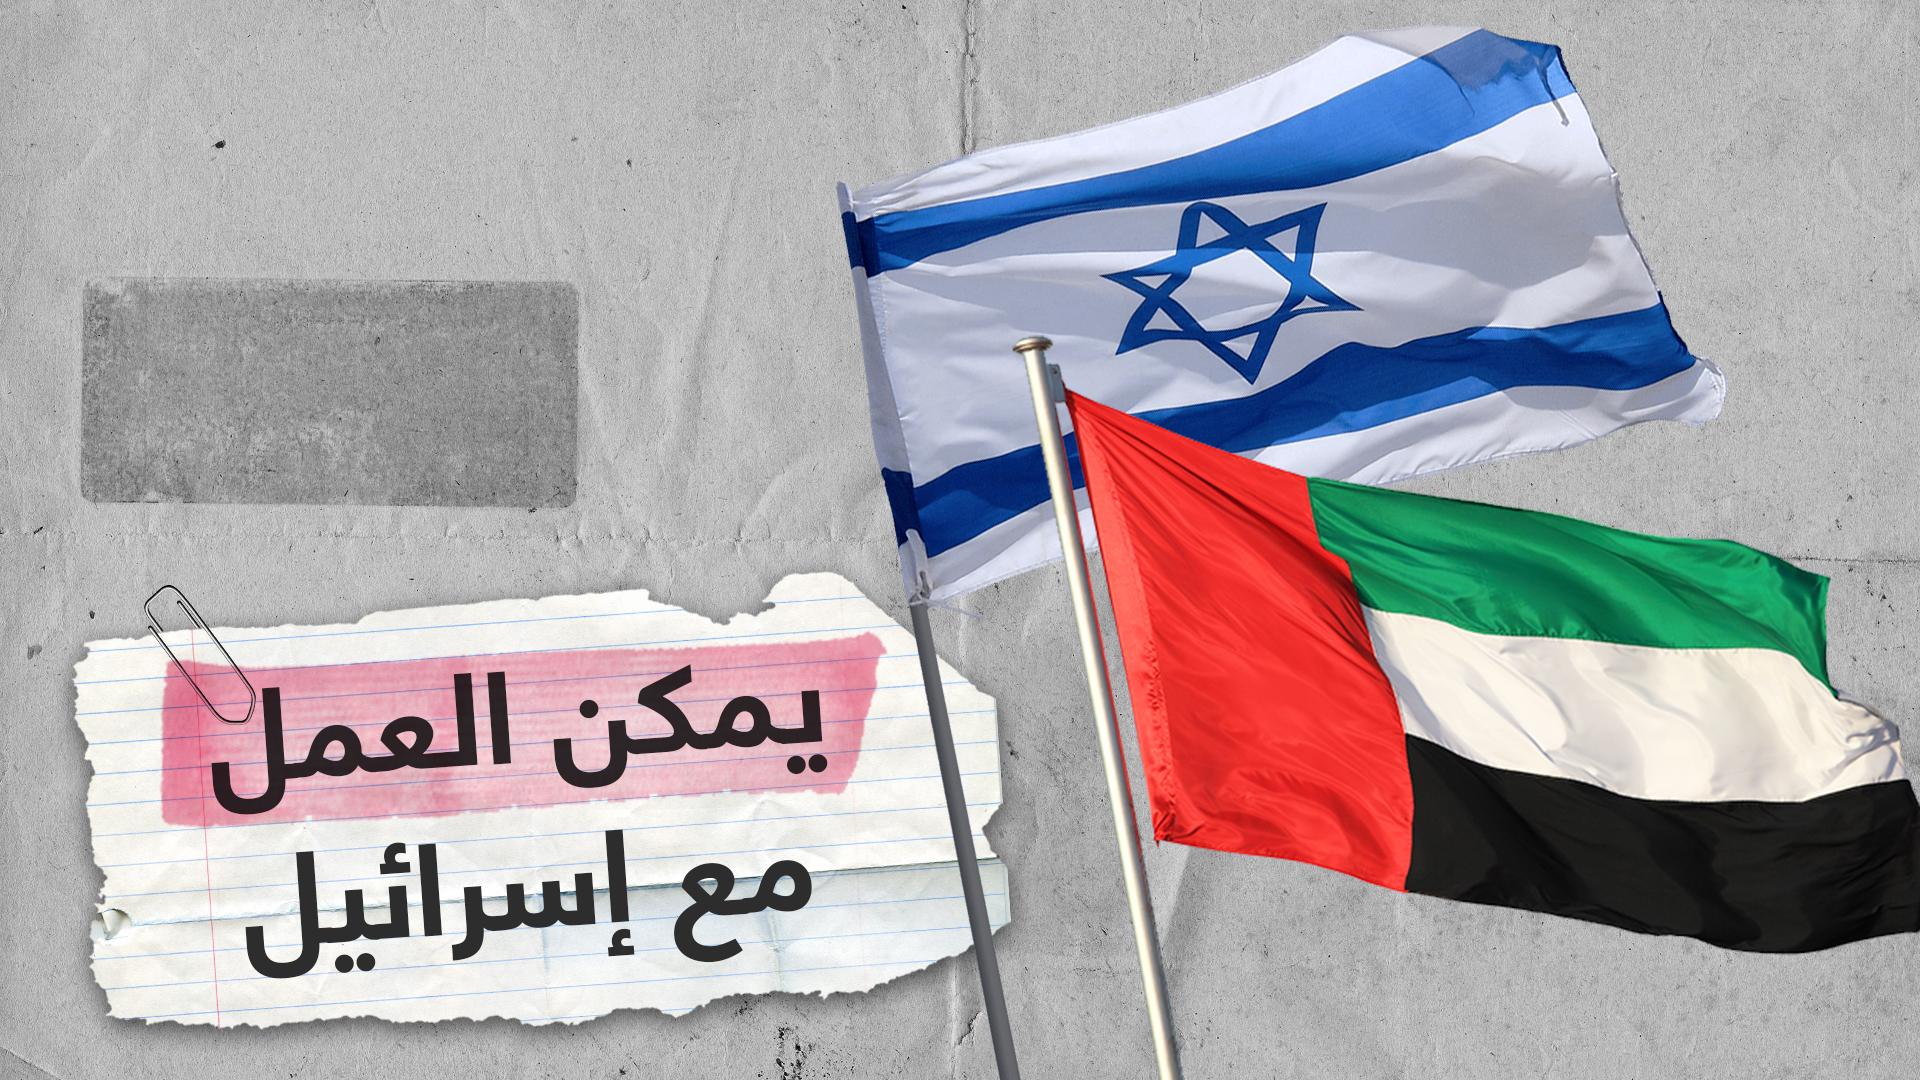 وزير إماراتي: يمكن العمل مع إسرائيل في مجالات غير سياسية